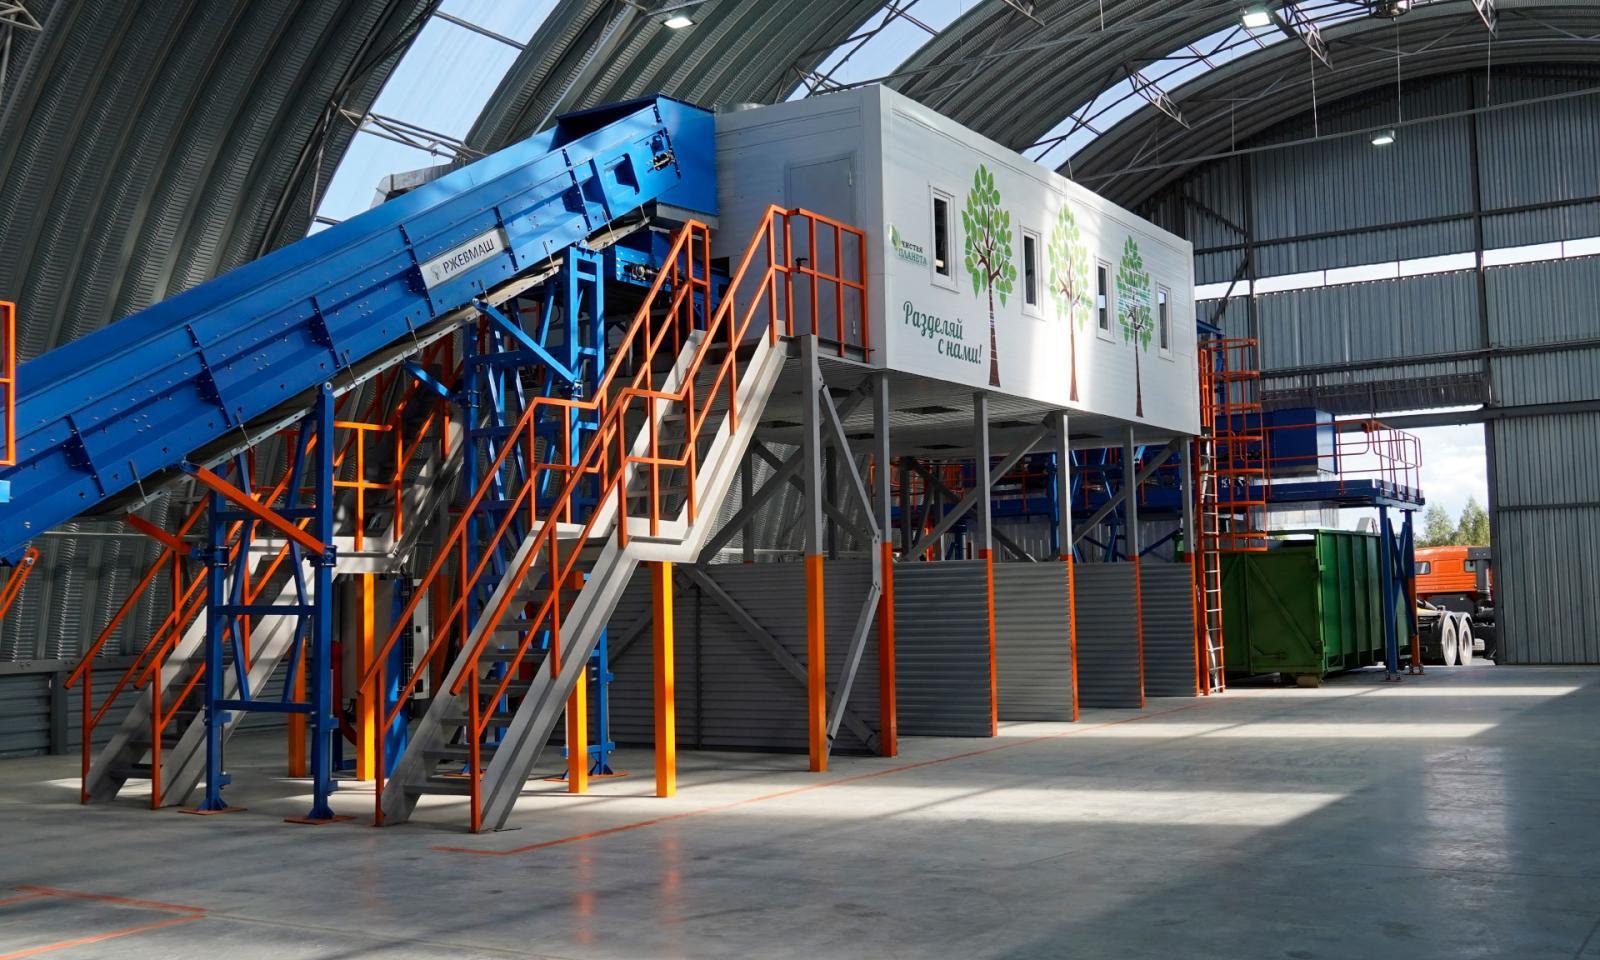 В Трубчевске открыли новую мусоросортировочную станцию на 25 тысяч тонн